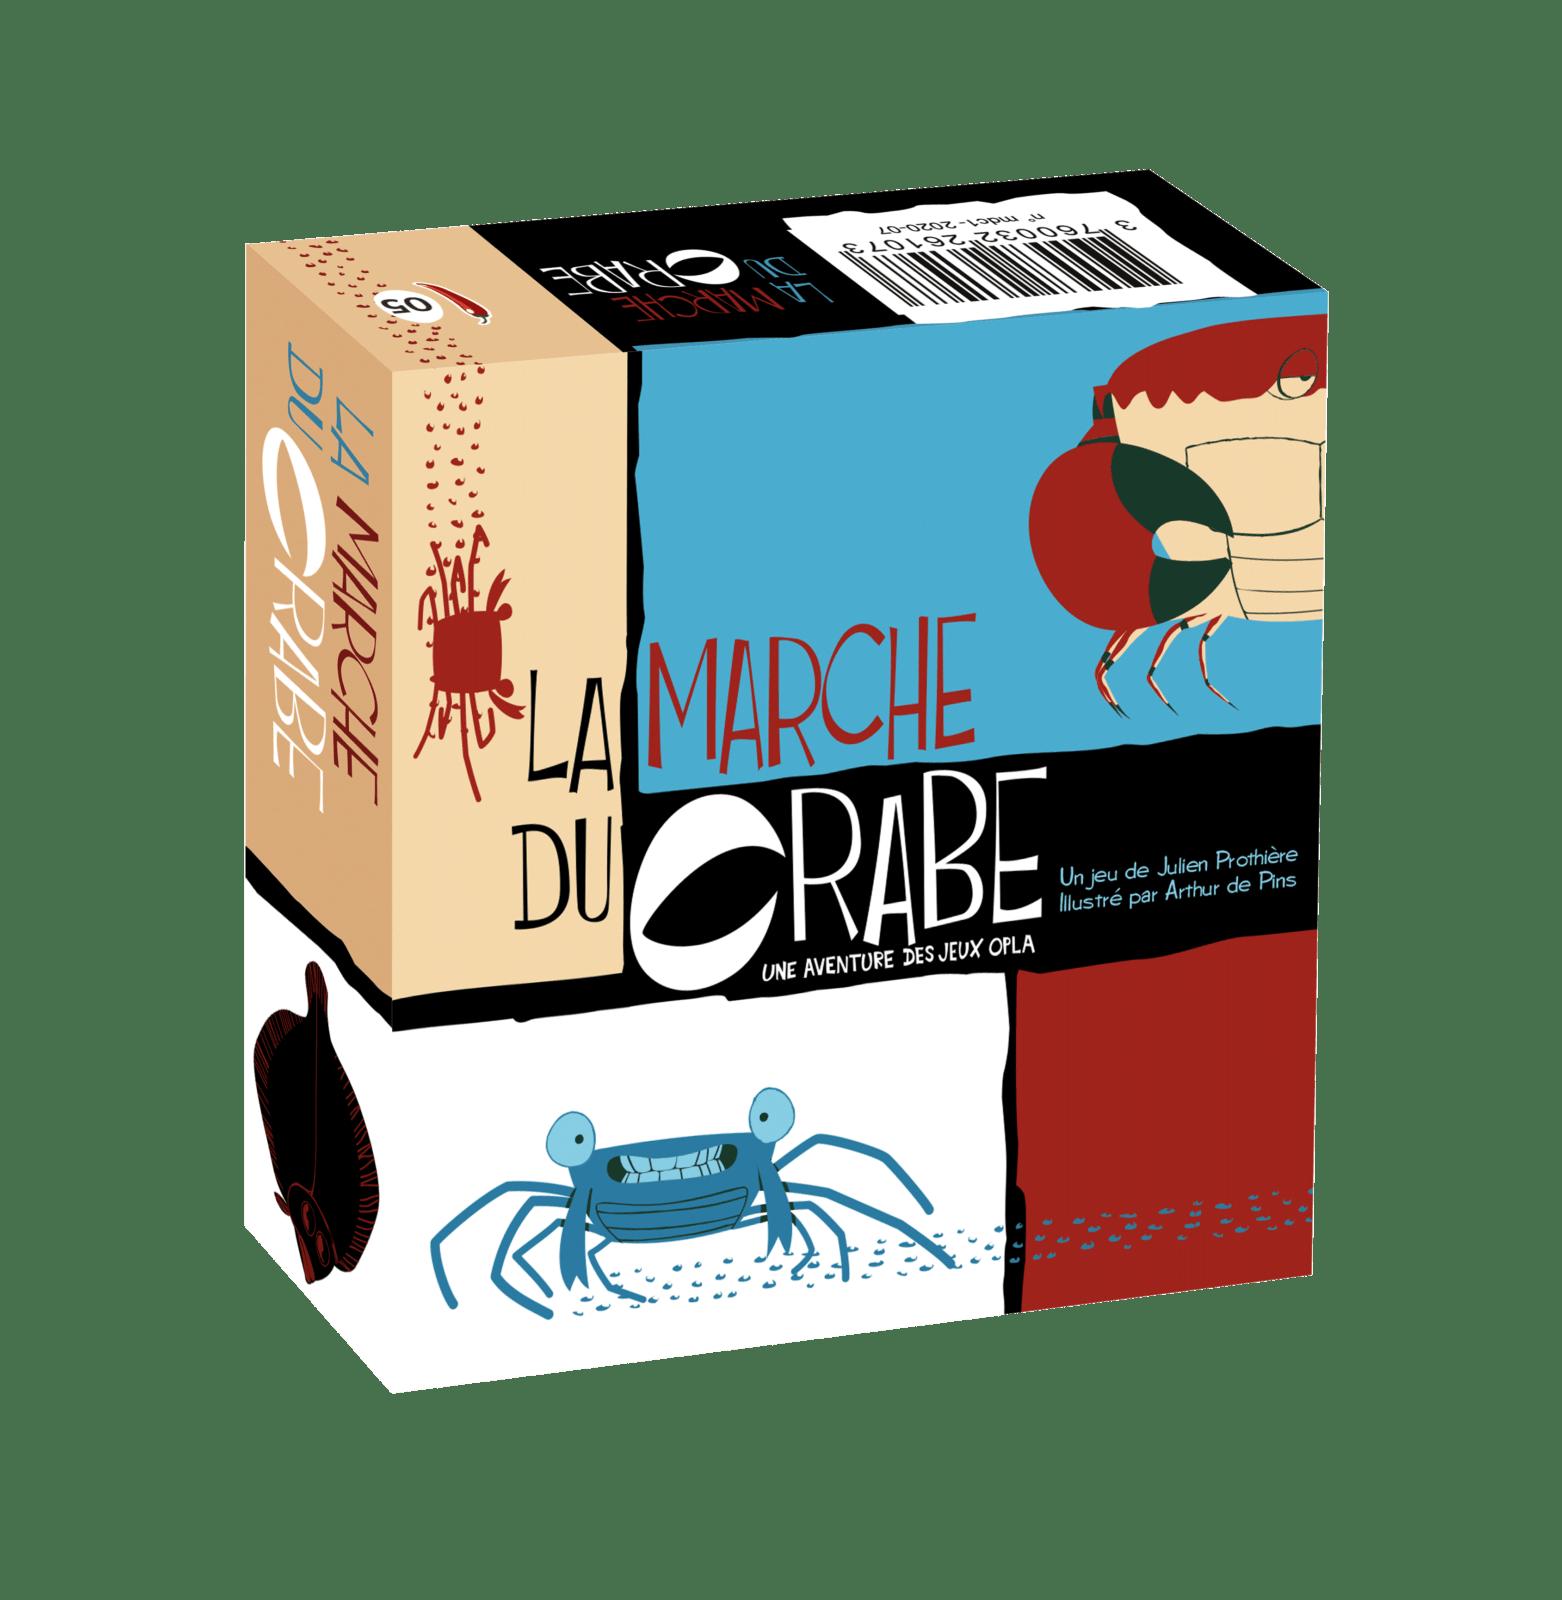 La Marche du Crabe à Paris chez Robin des Jeux